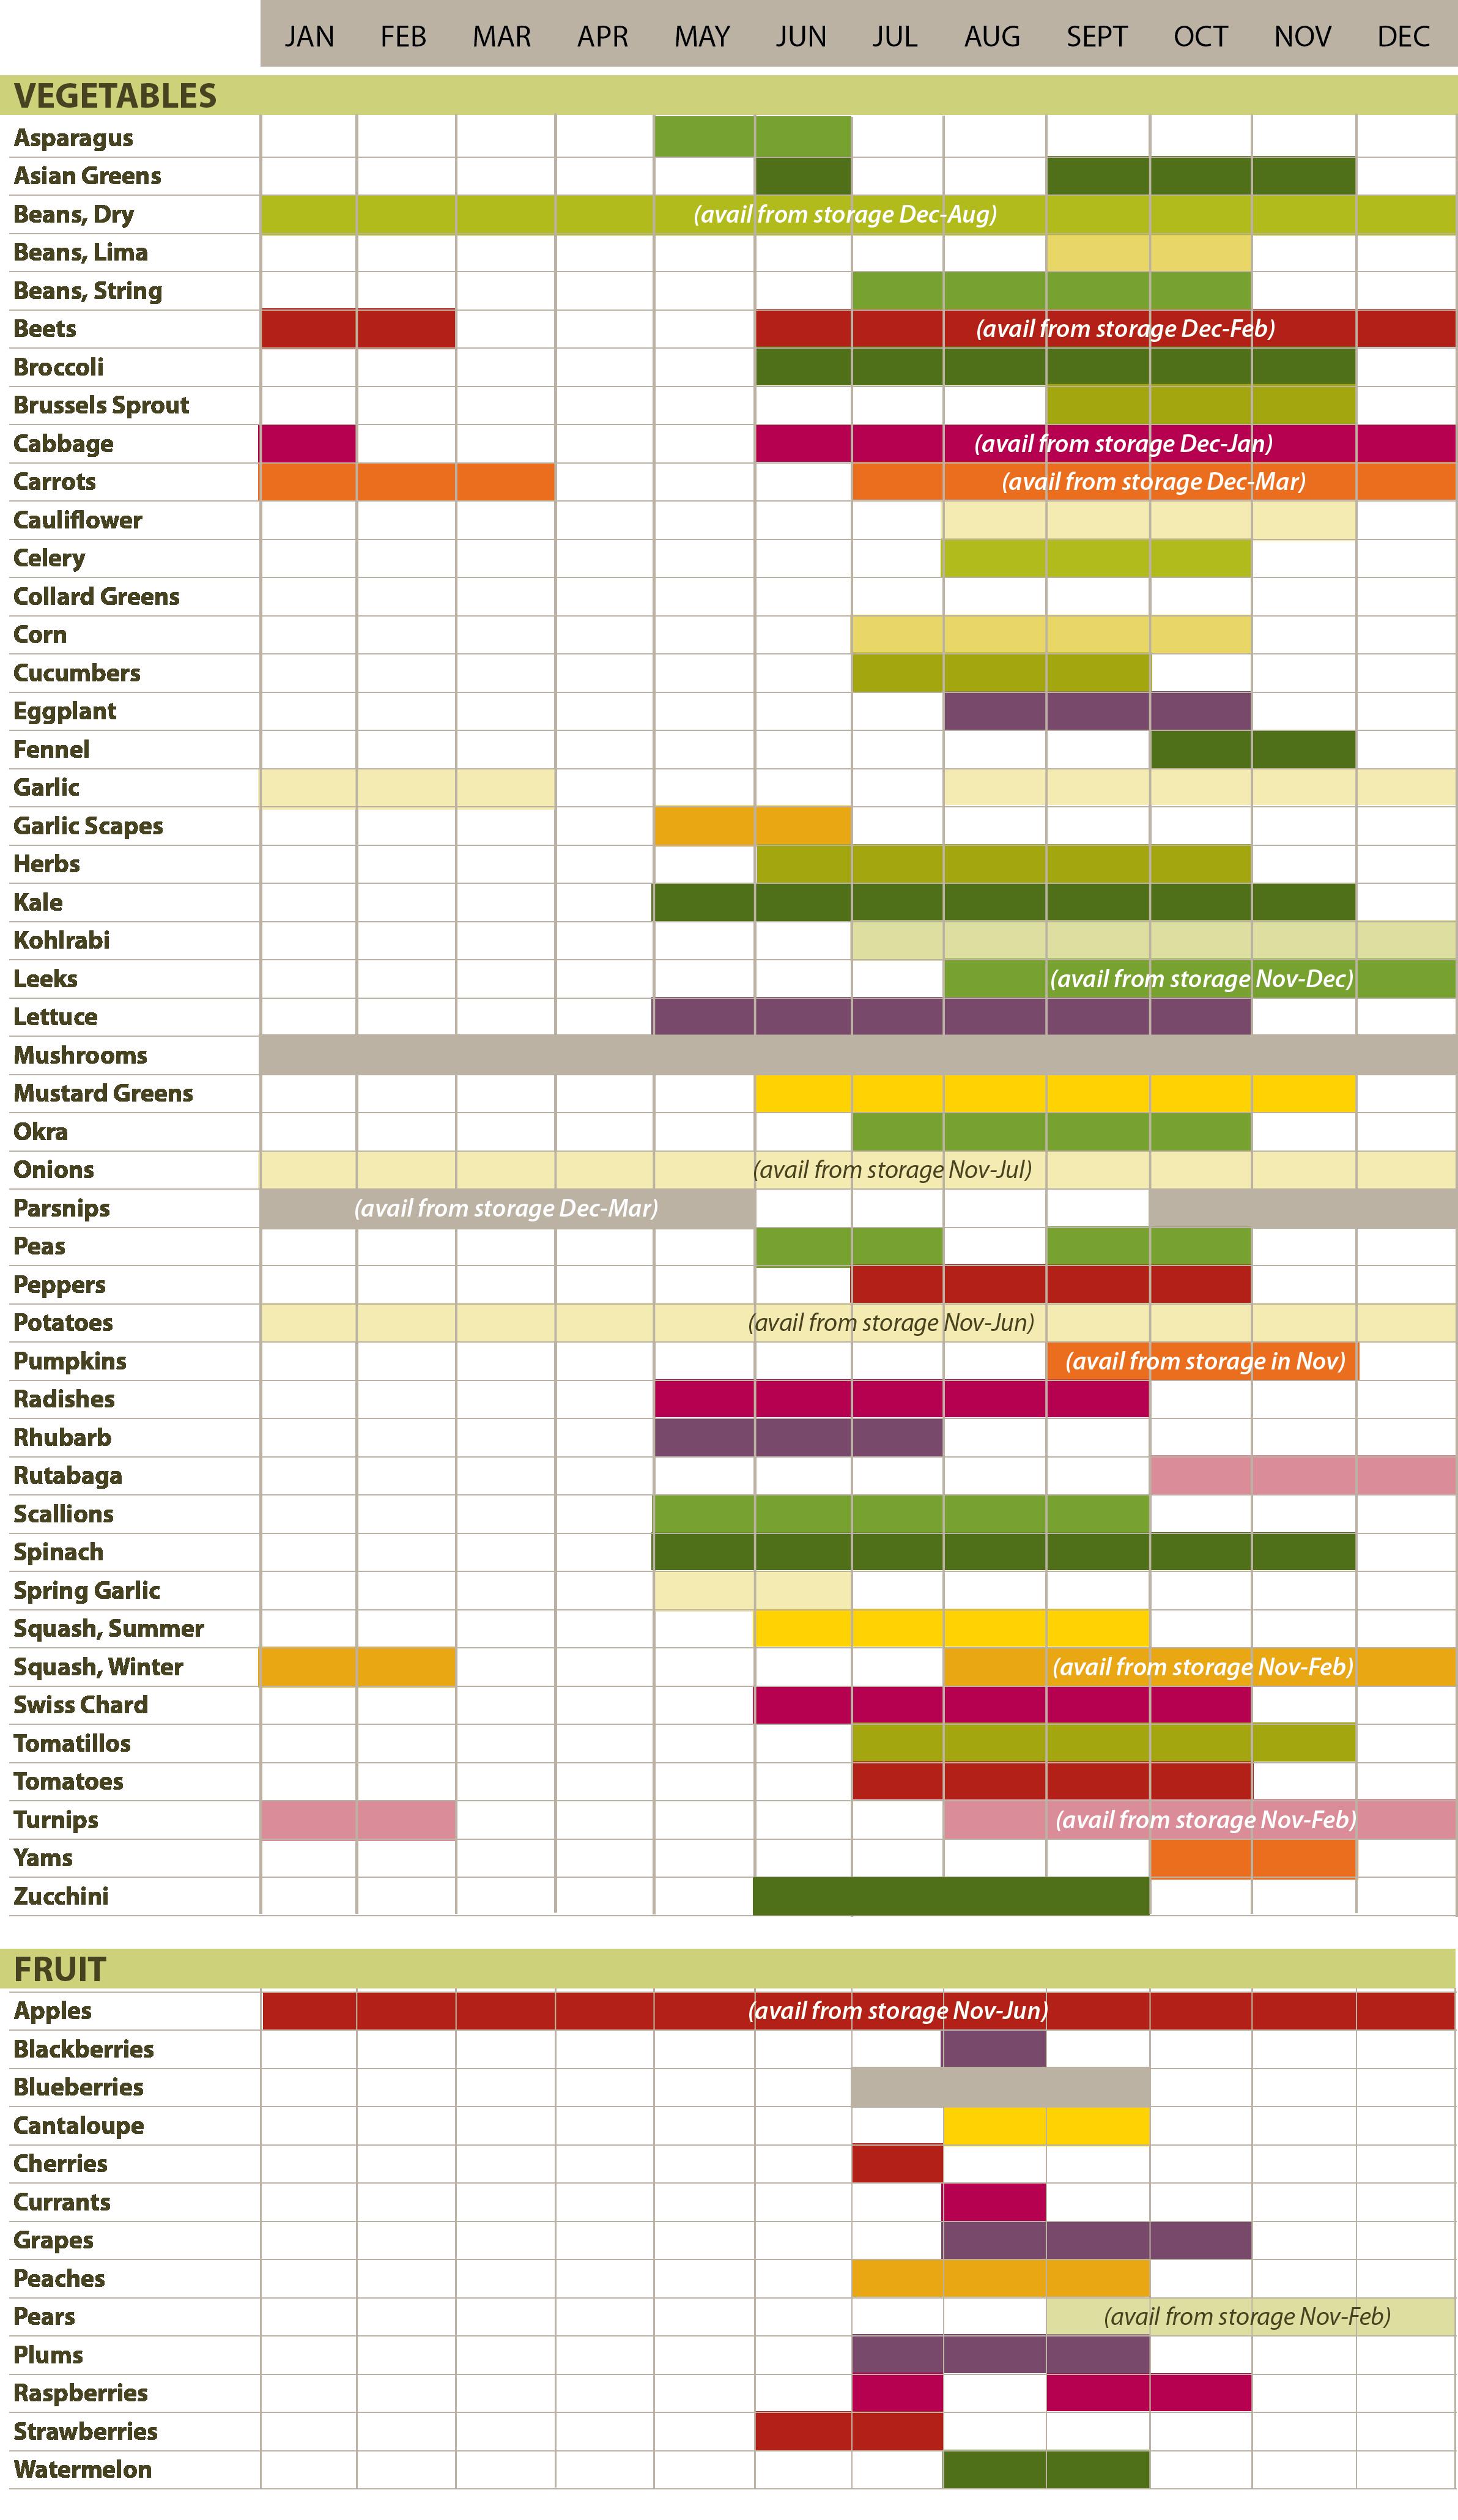 Seasonality chart